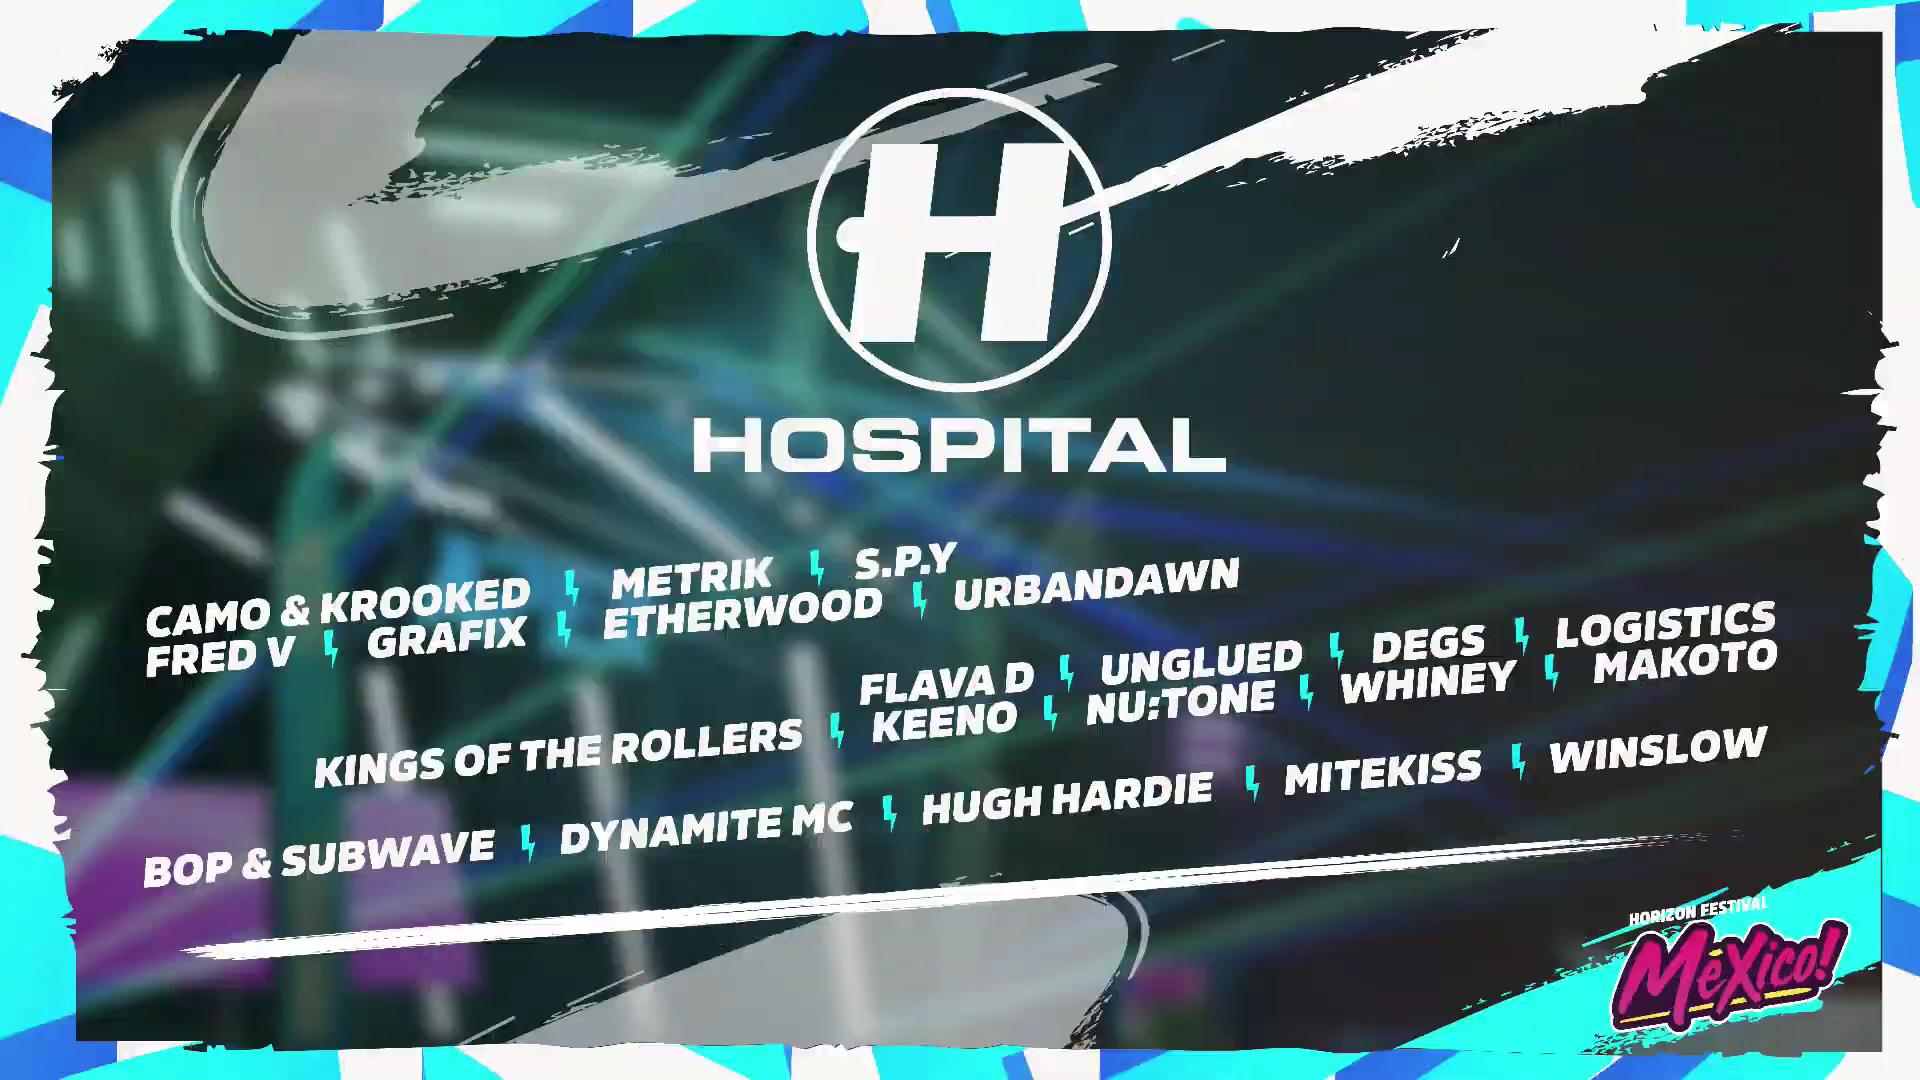 Forza Horizon 5: Hospital Soundtrack